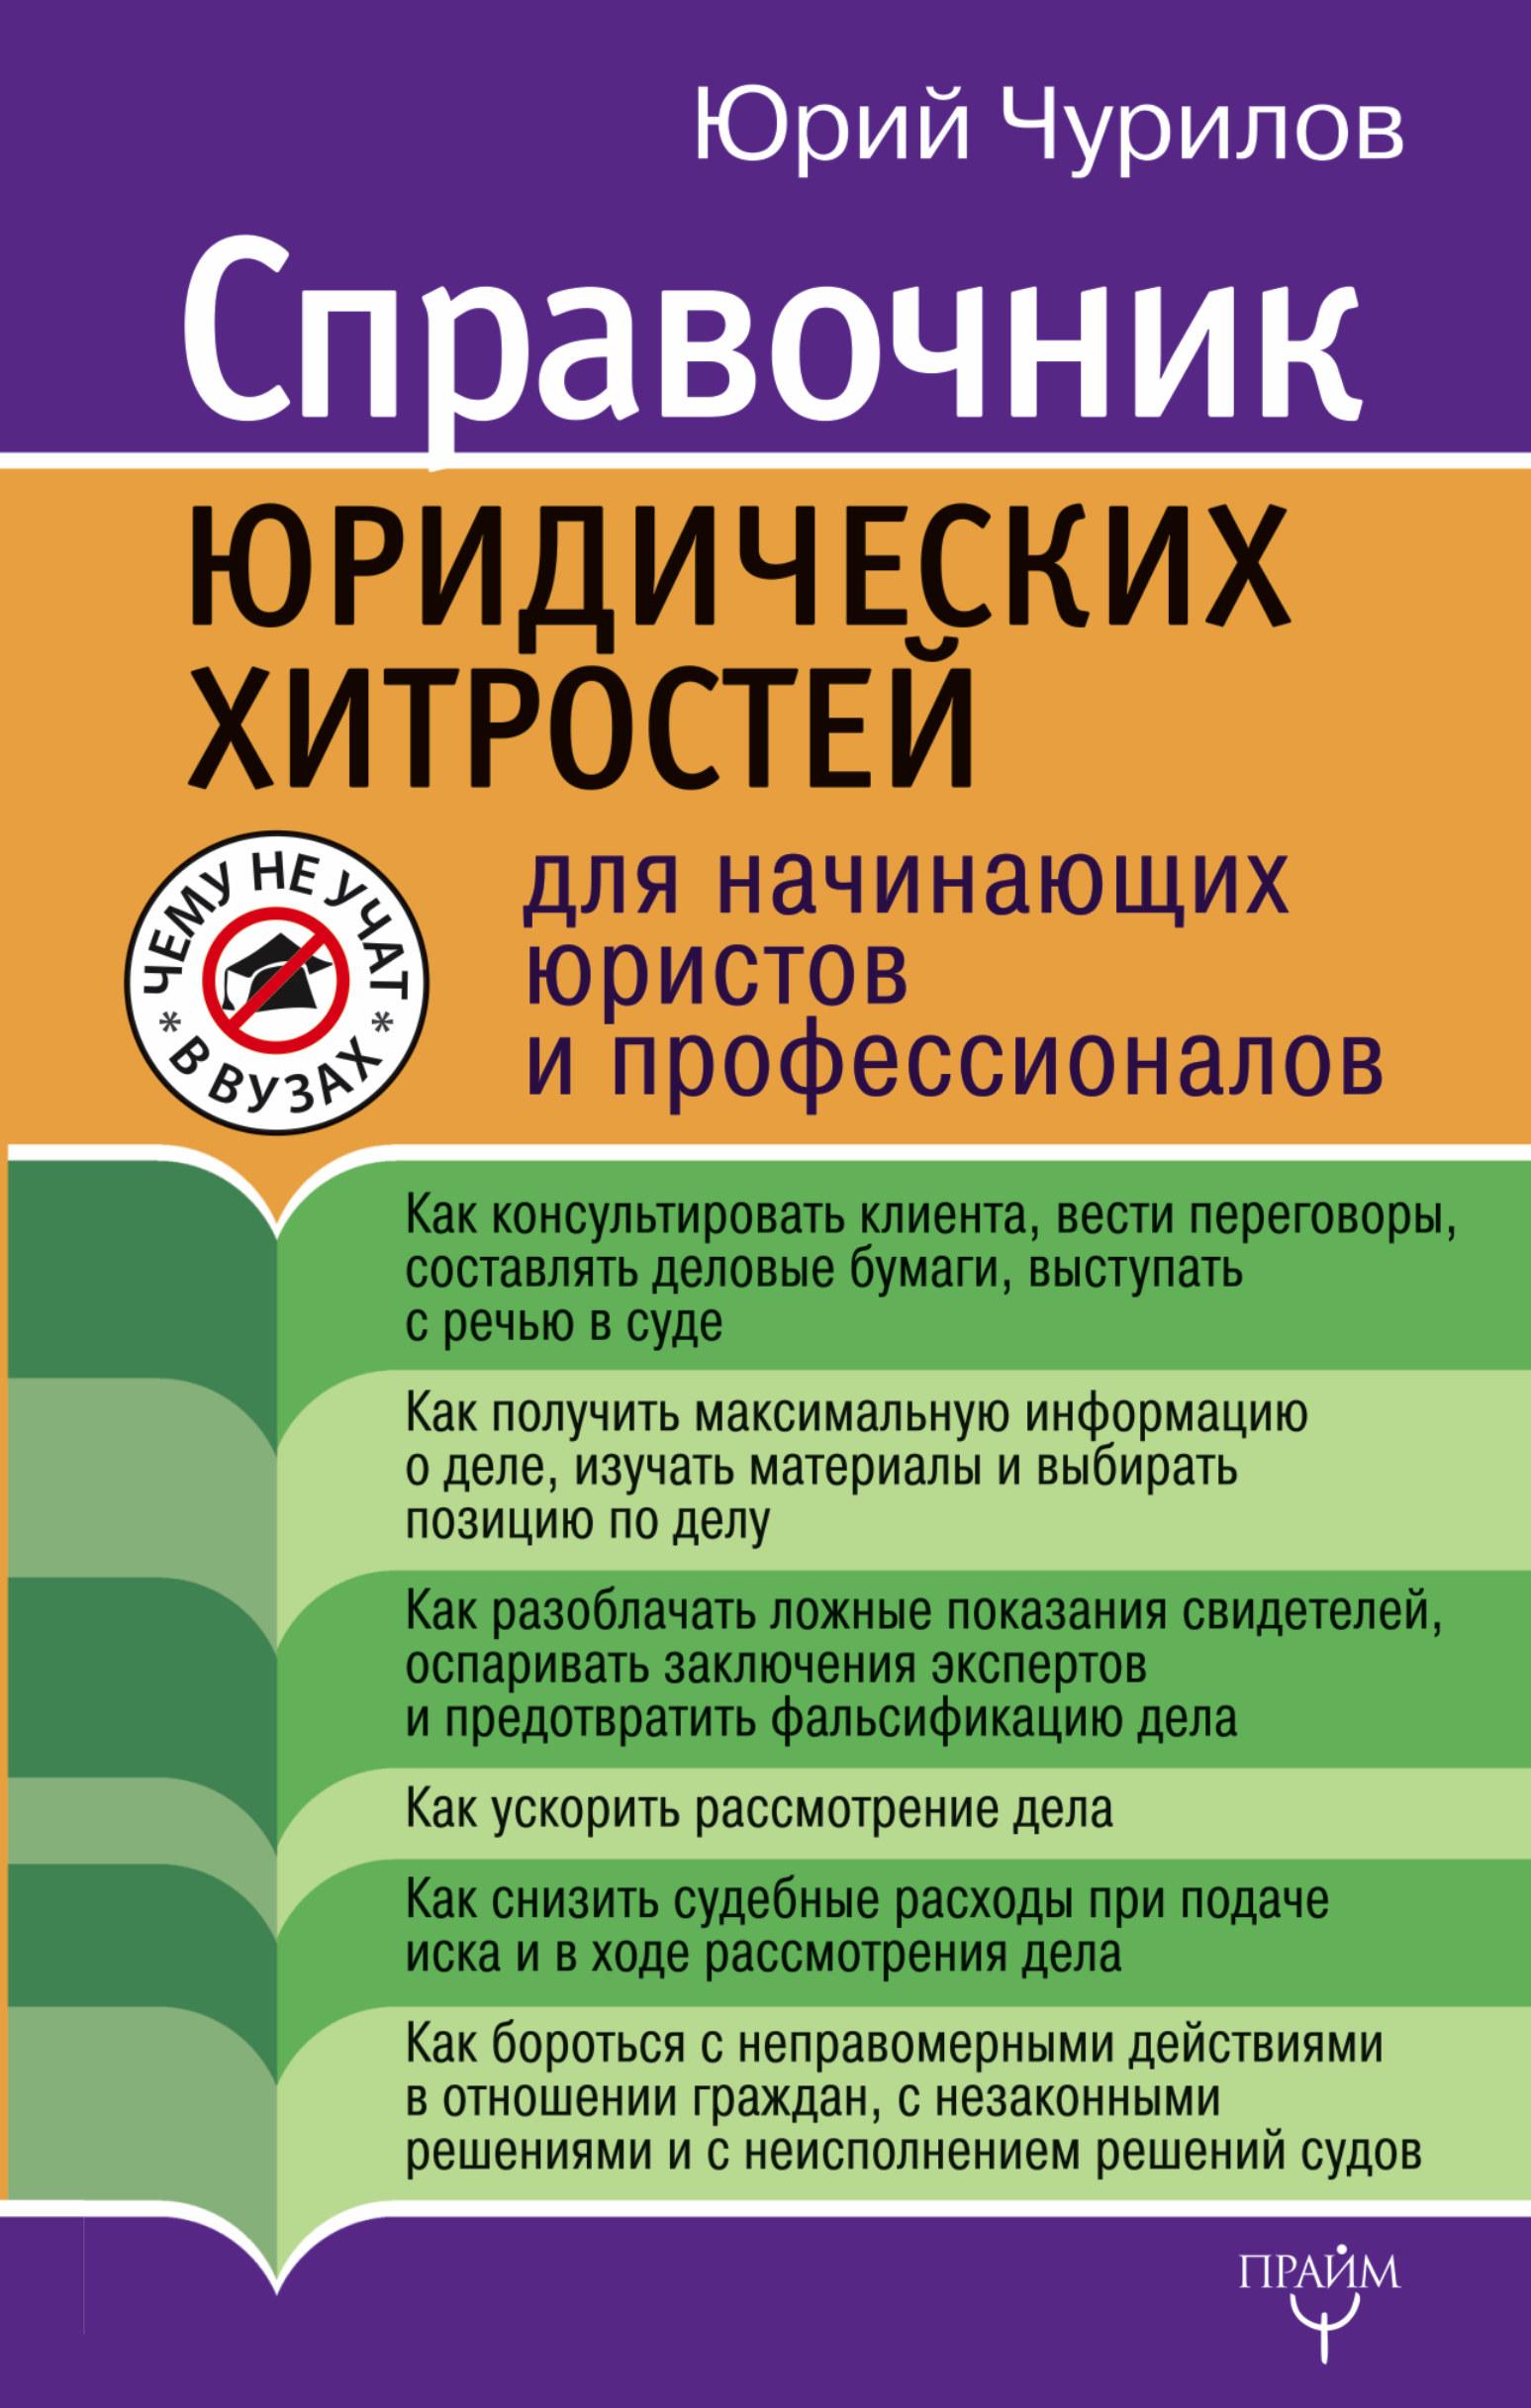 Справочник юридических хитростей для начинающих юристов и профессионалов ( Чурилов Юрий  )